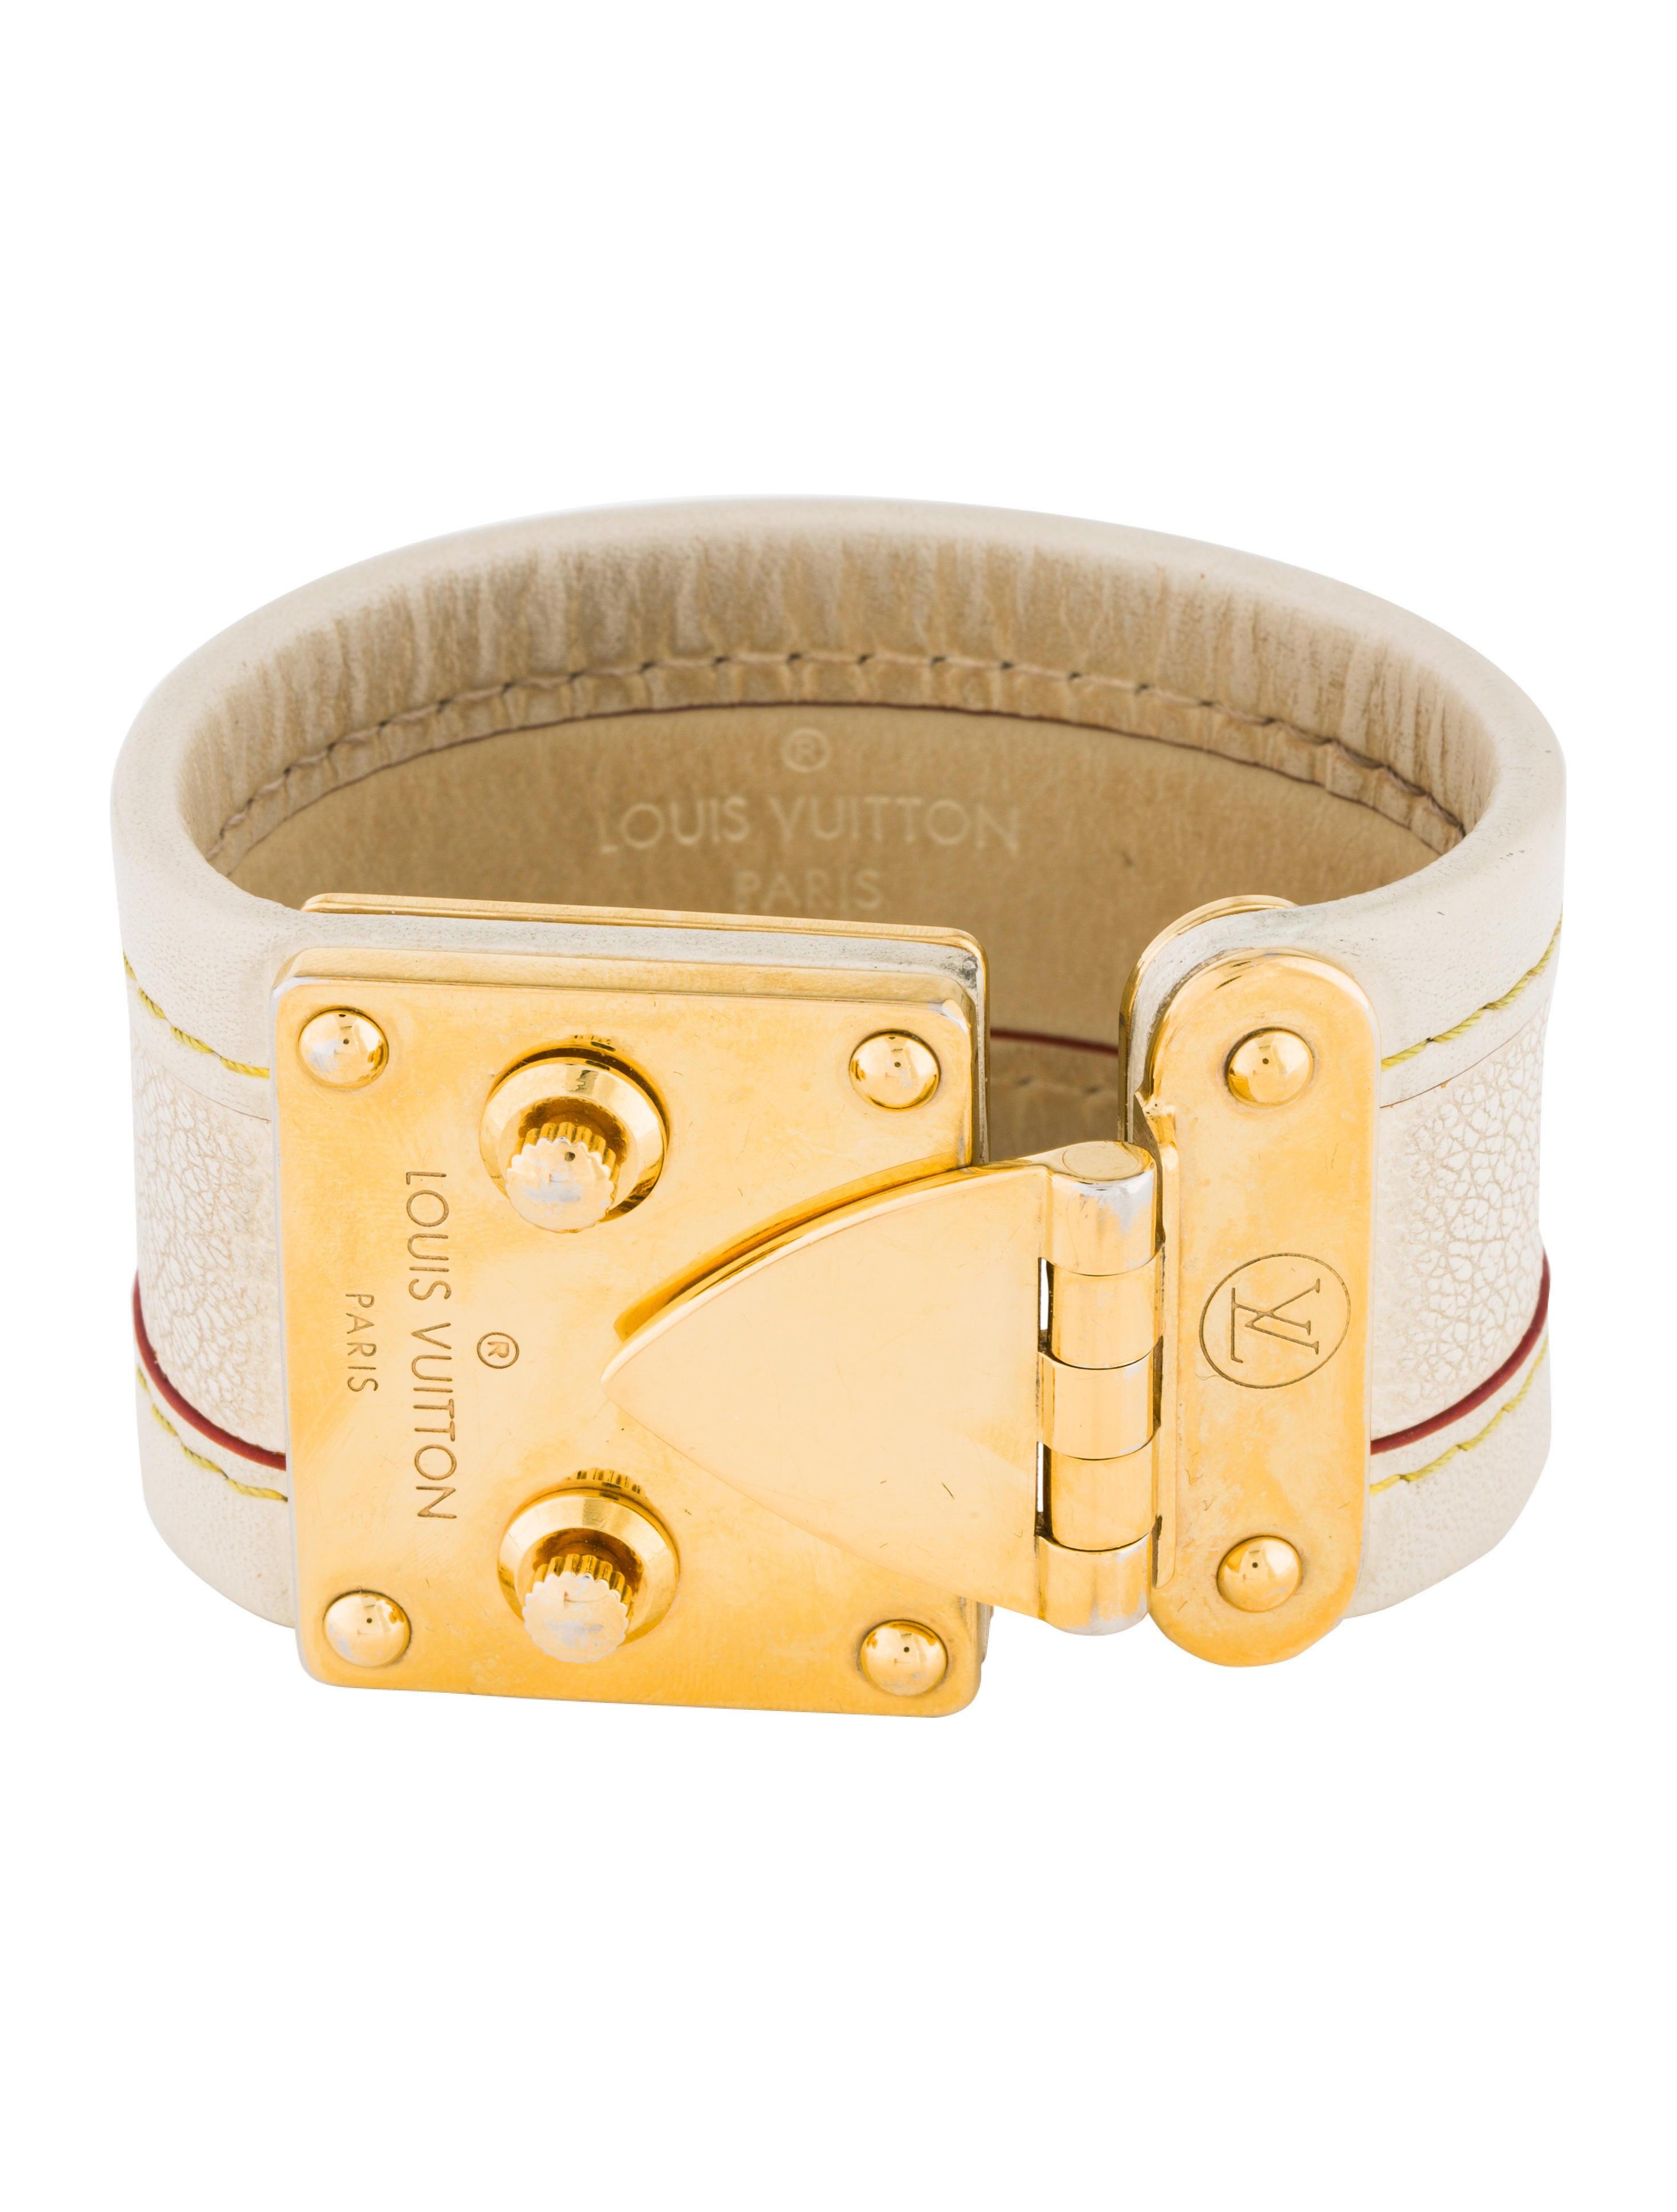 Louis Vuitton Leather Wrap Bracelet Bracelets Lou156393 The